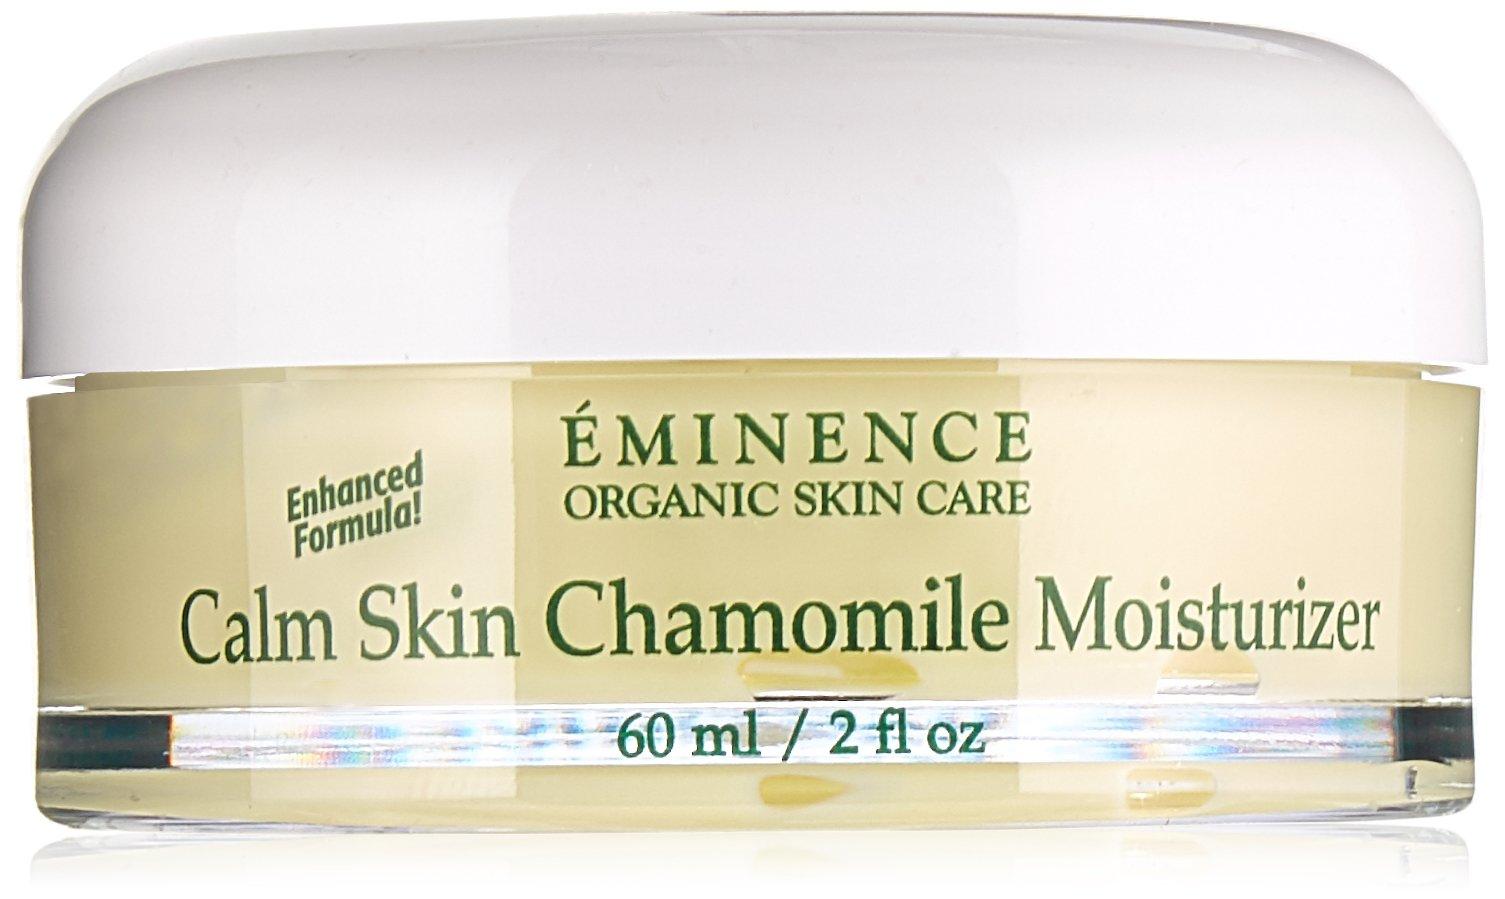 Eminence Vitaskin Calm Skin Chamomile Moisturizer, multi, reg, 2 Ounce